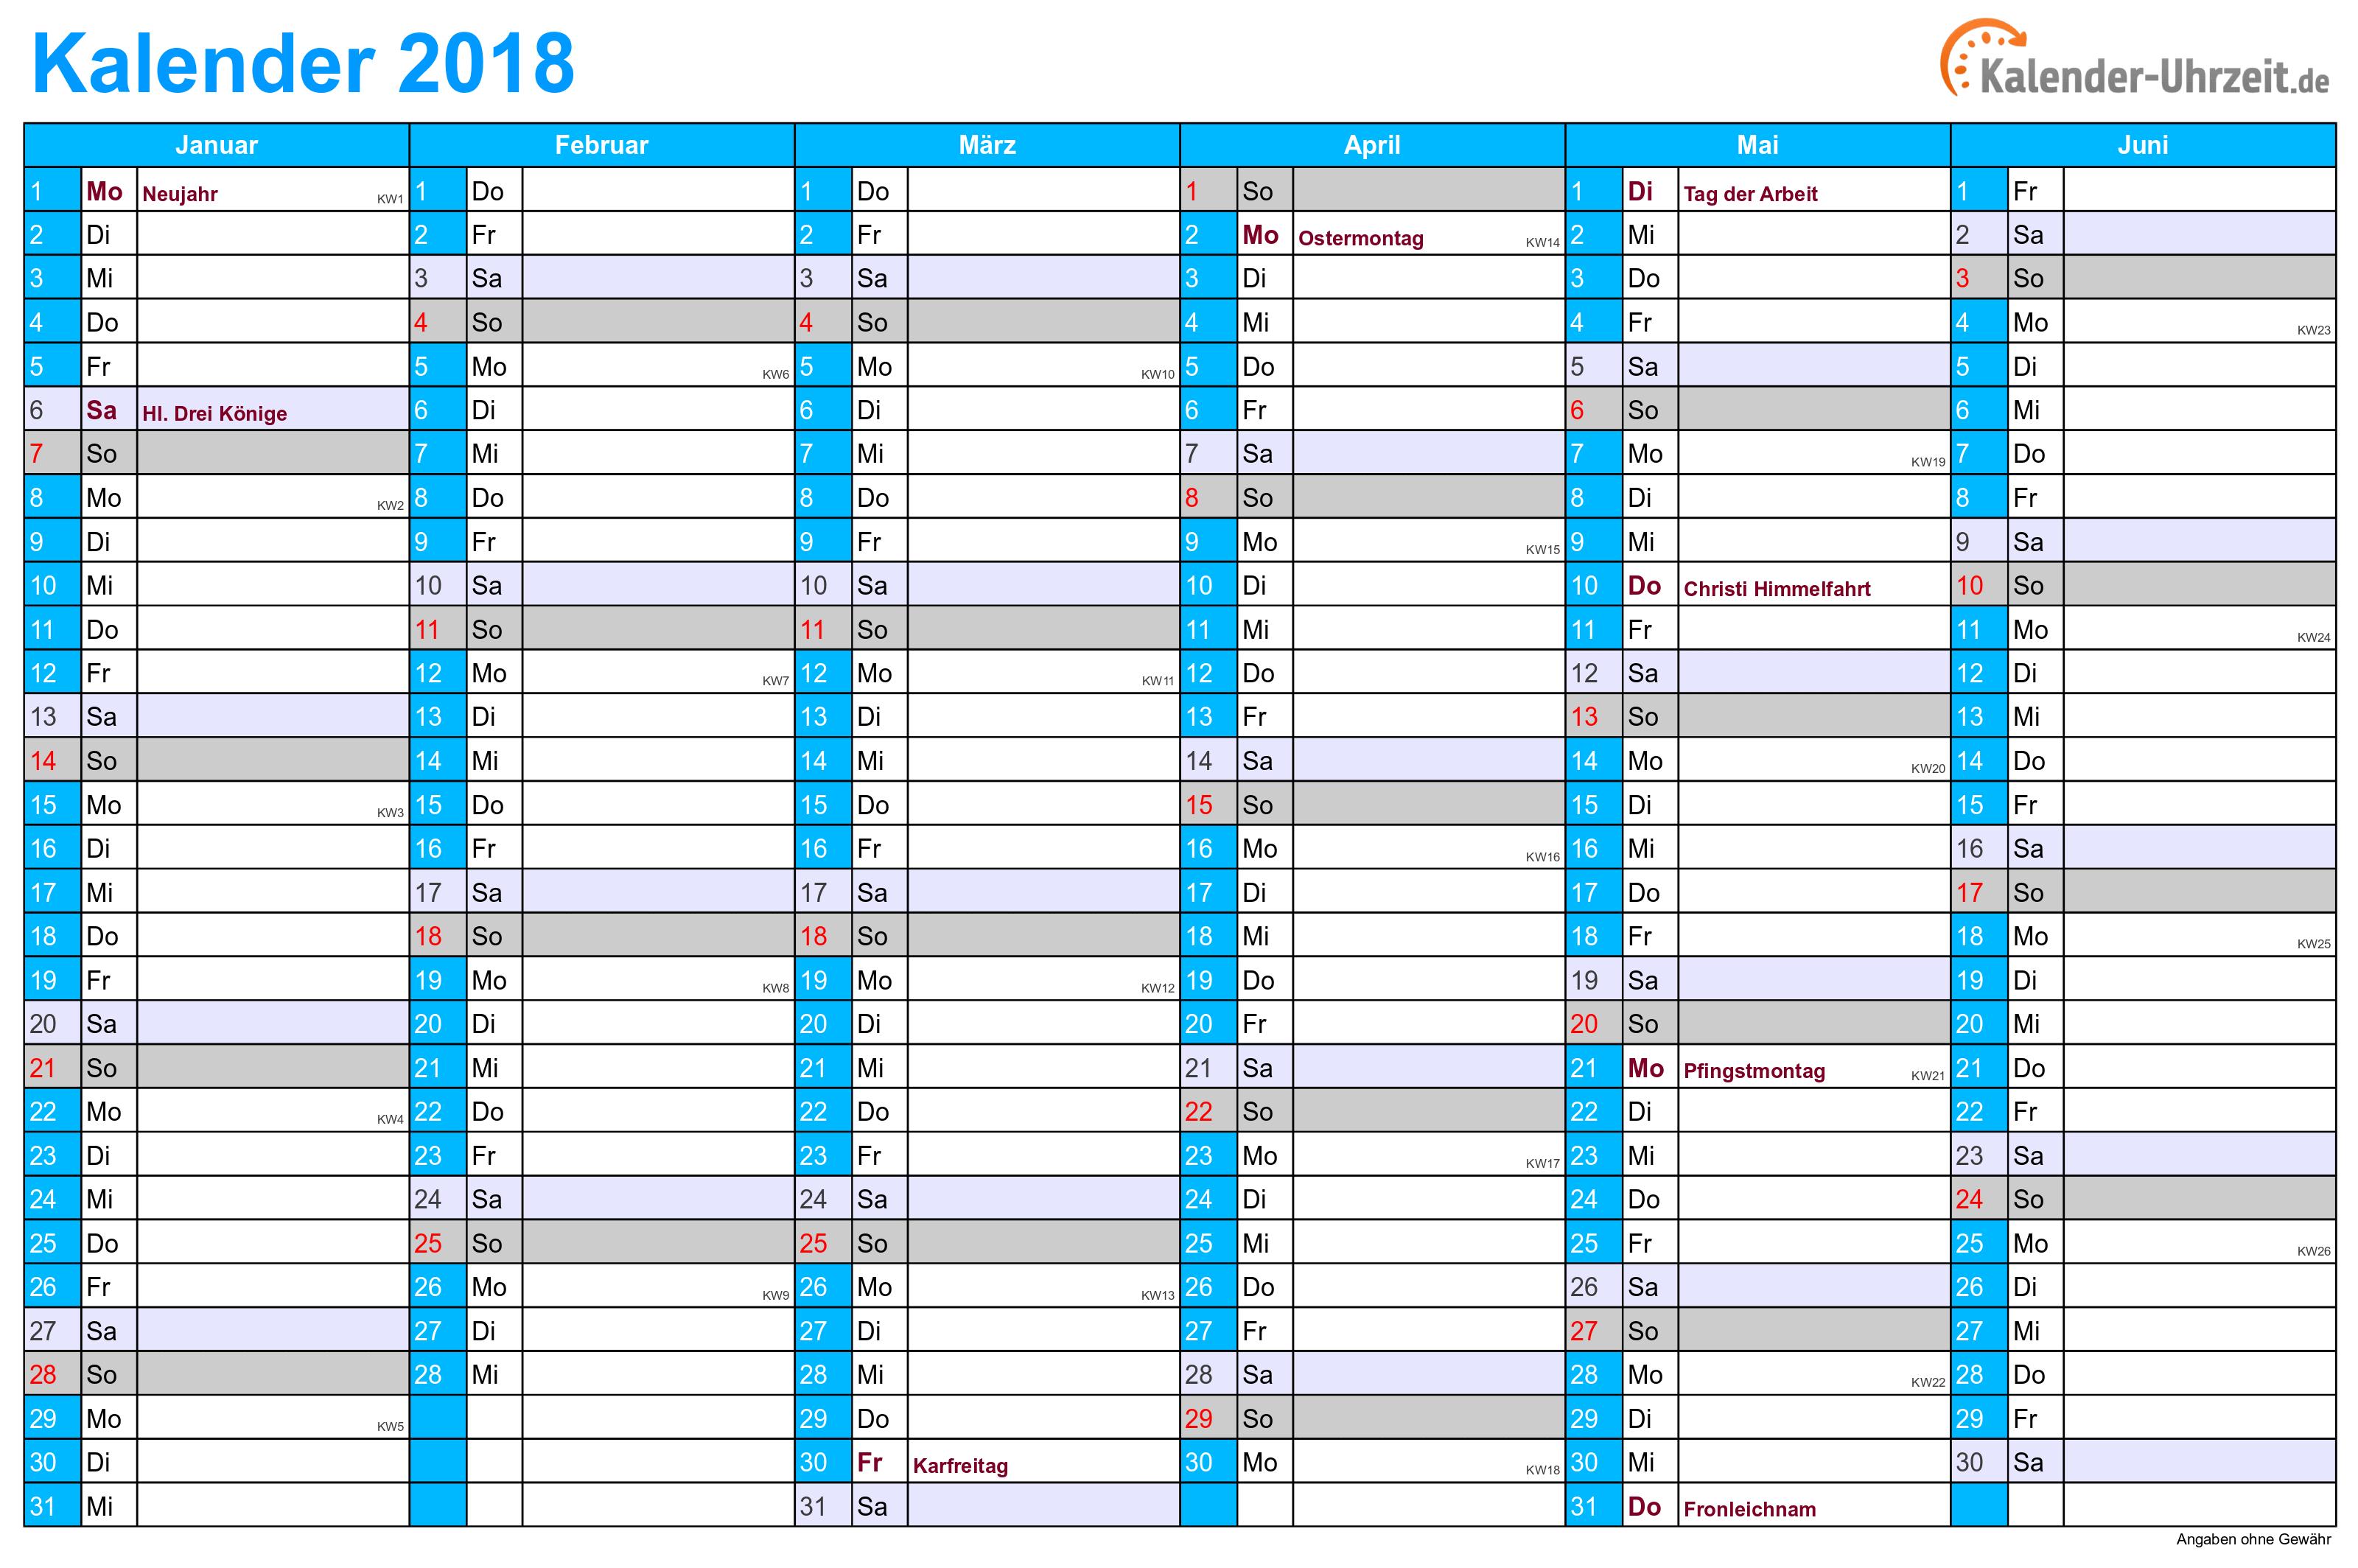 Kalender 2018 mit Feiertagen - 2-seitig - A4-Querformat